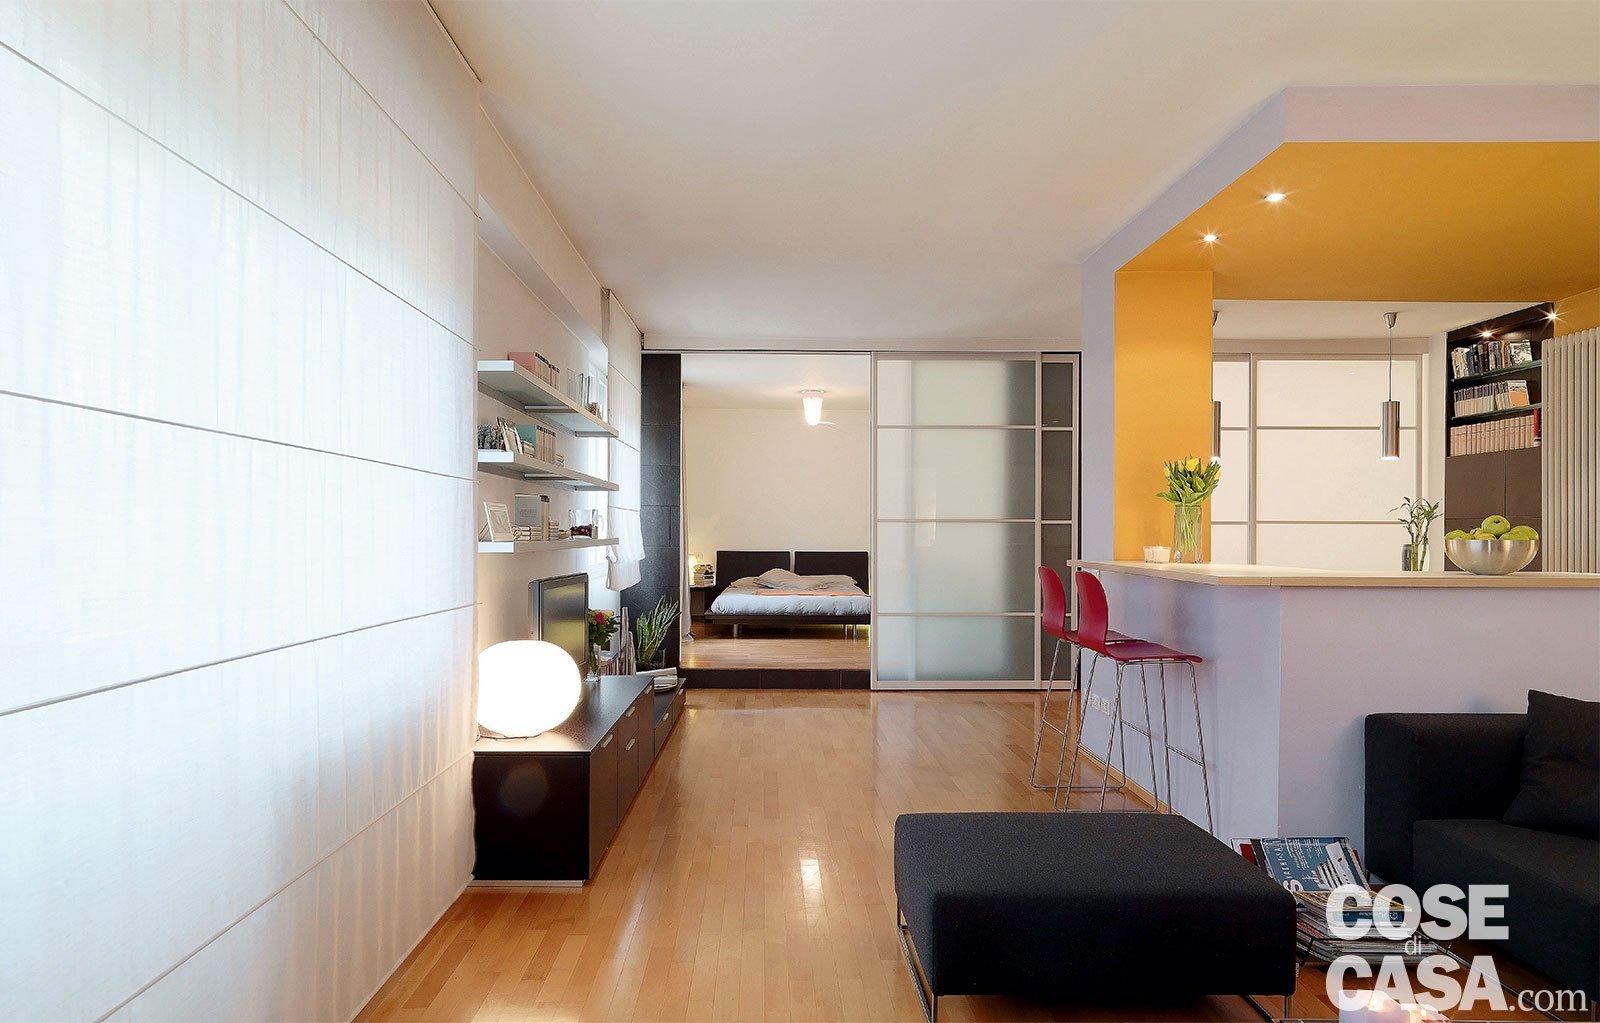 Pareti Di Vetro Scorrevoli : Vetrate scorrevoli dividono gli ambienti nella casa di mq